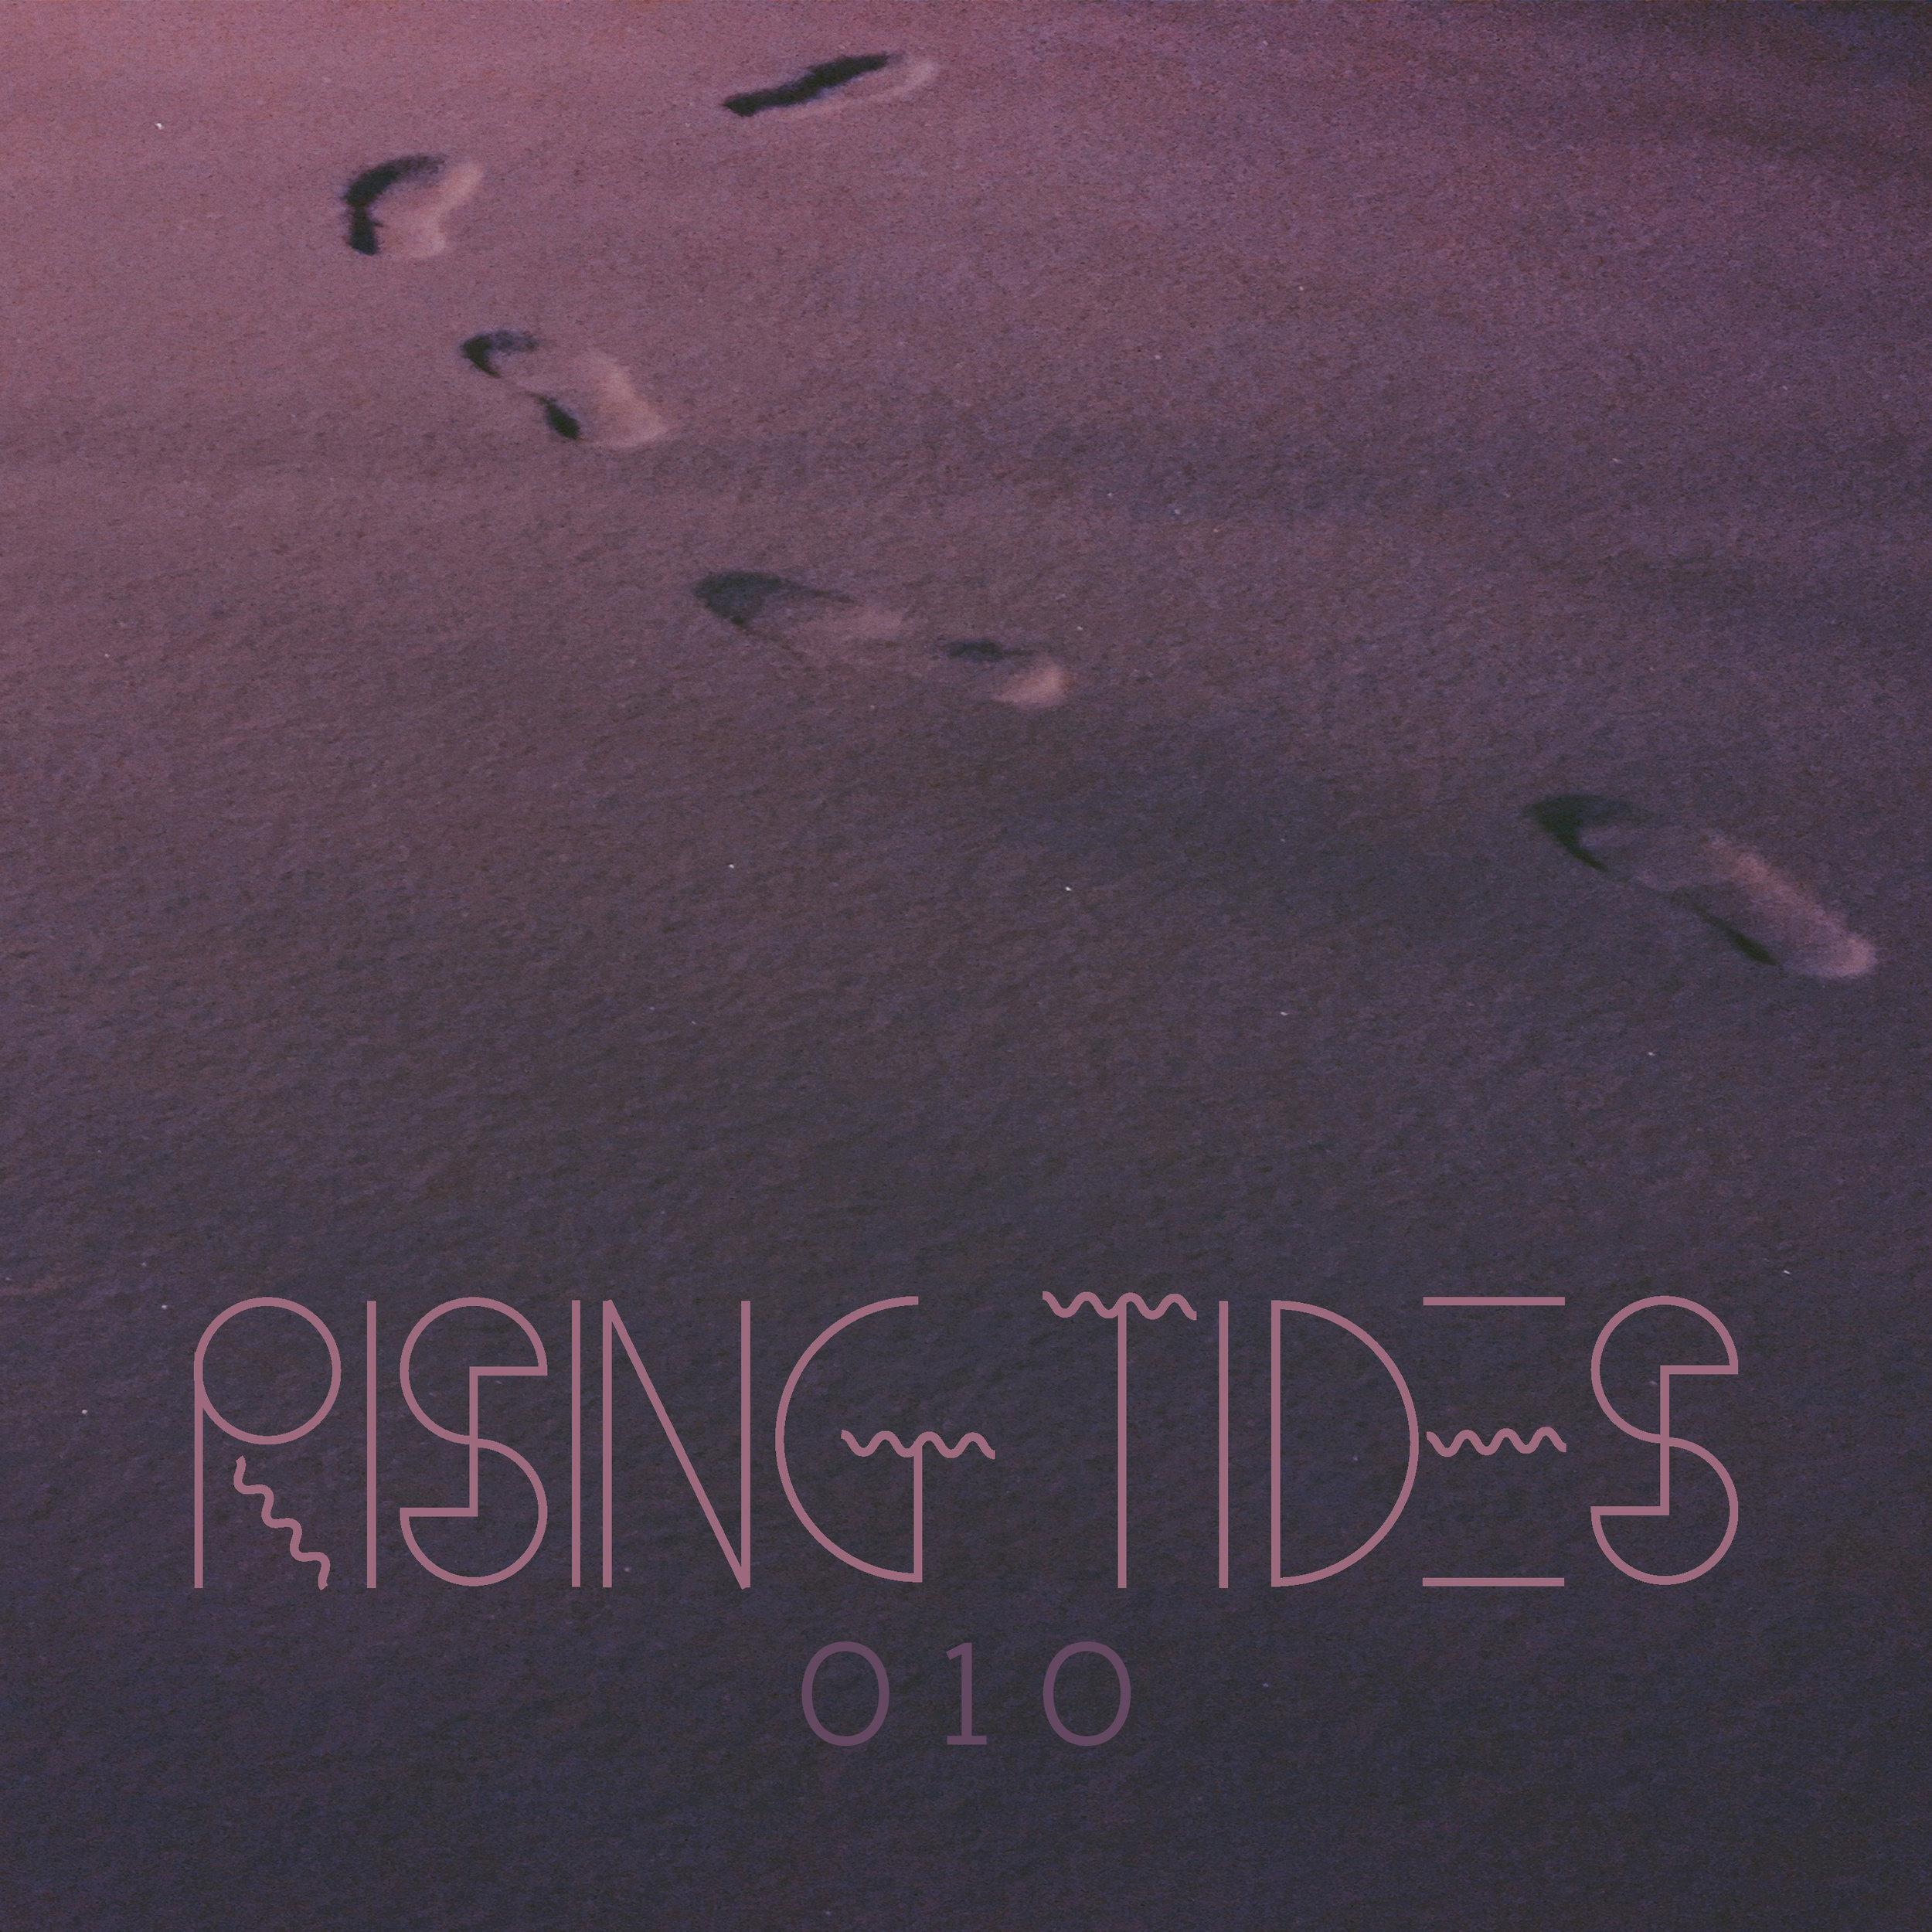 RISING TIDES 010  /  Compilation  / December 30, 2017